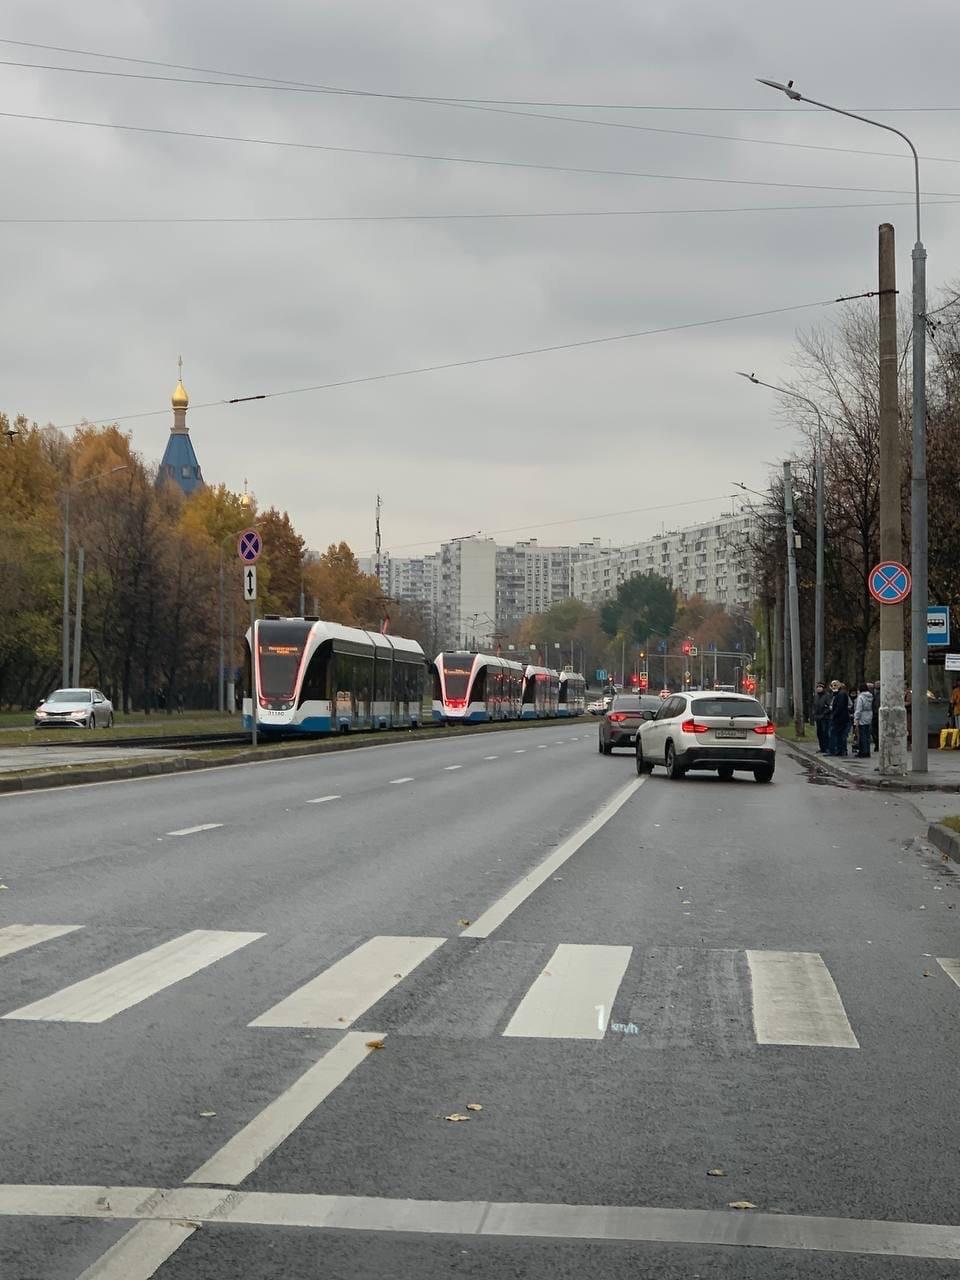 Из-за ДТП на трамвайных путях остановились трамваи в Чертаново.